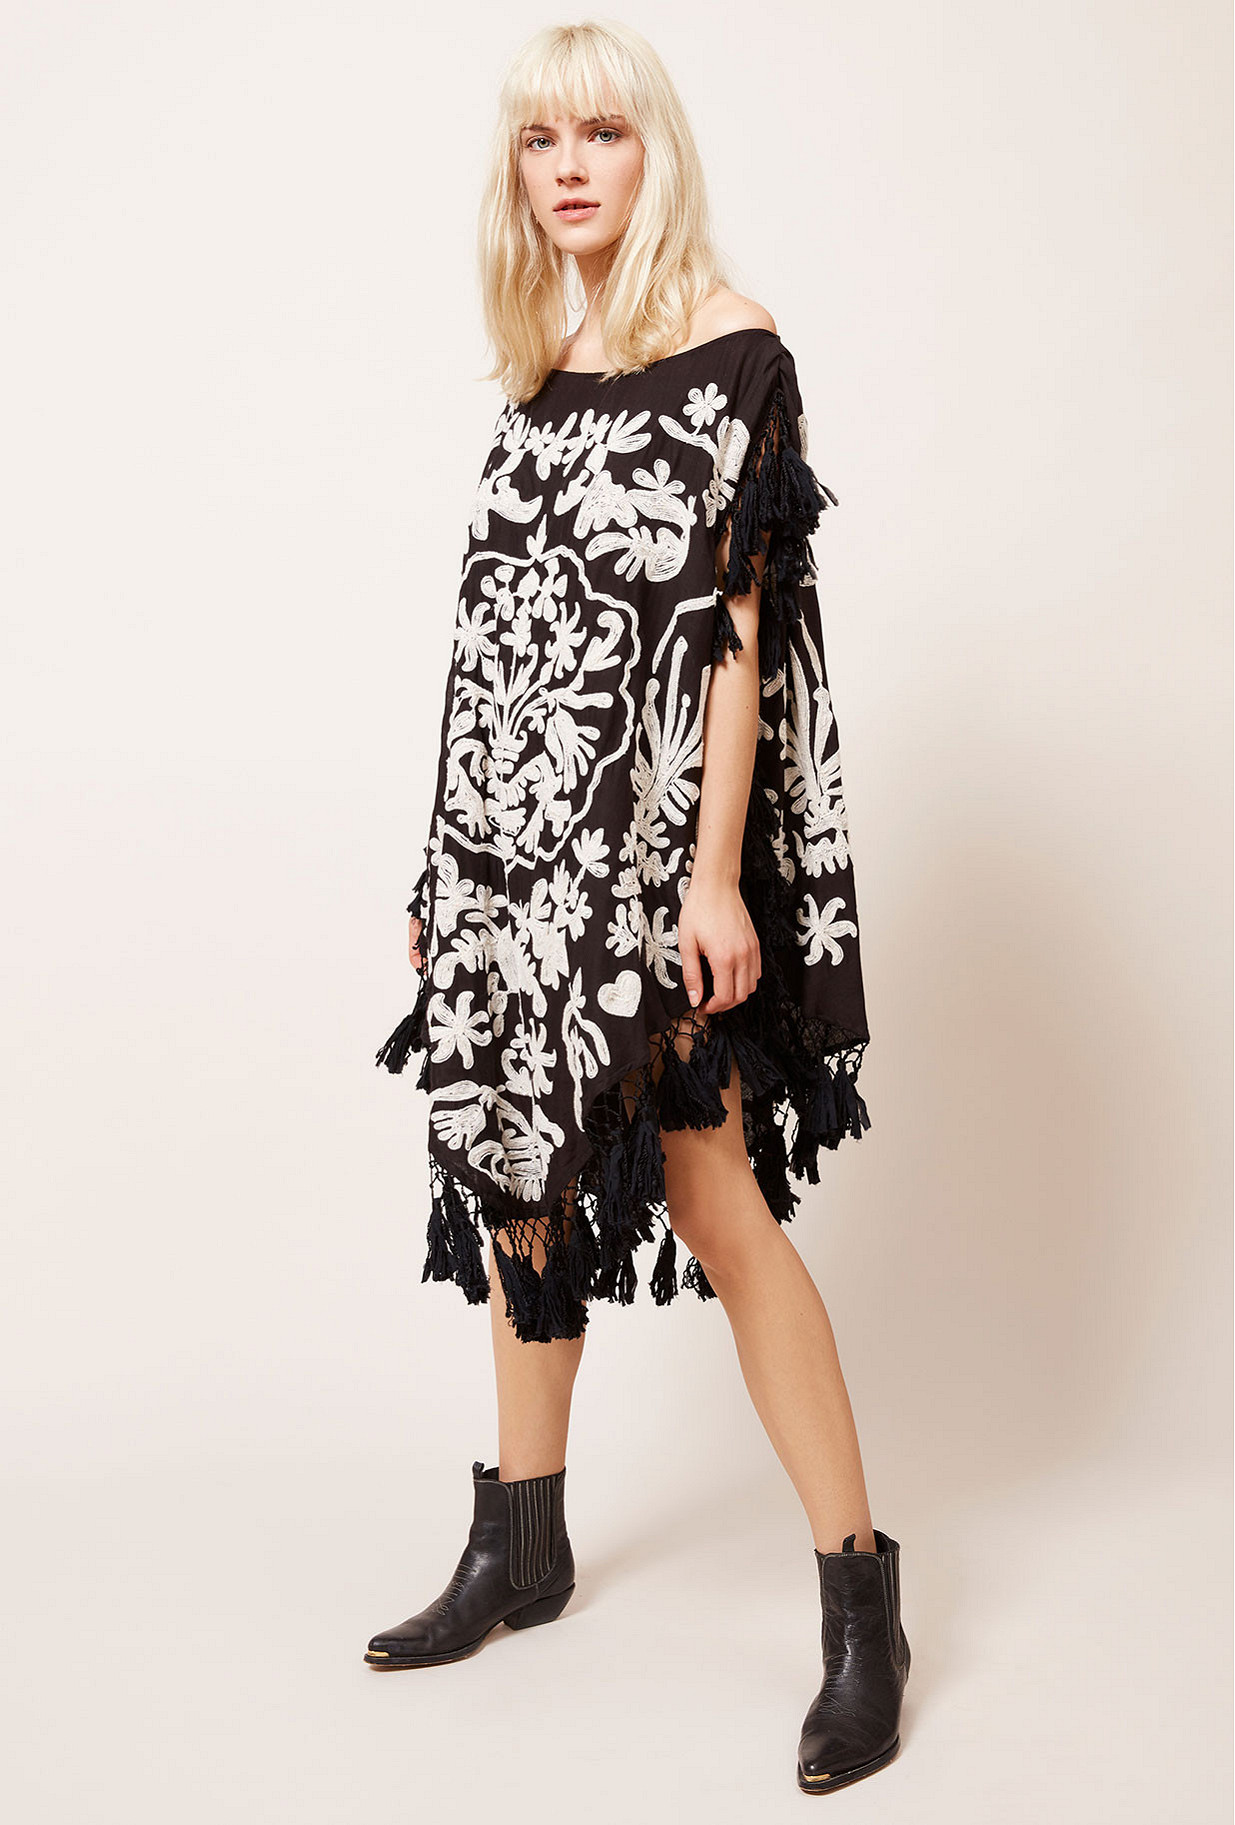 Paris boutique de mode vêtement Poncho créateur bohème Bora-bora